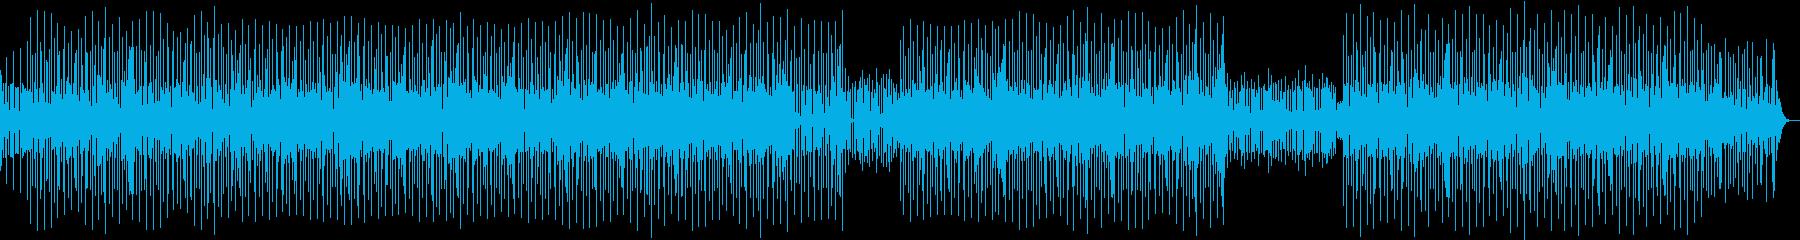 ほどよいリズム感と優しくオシャレなBGMの再生済みの波形